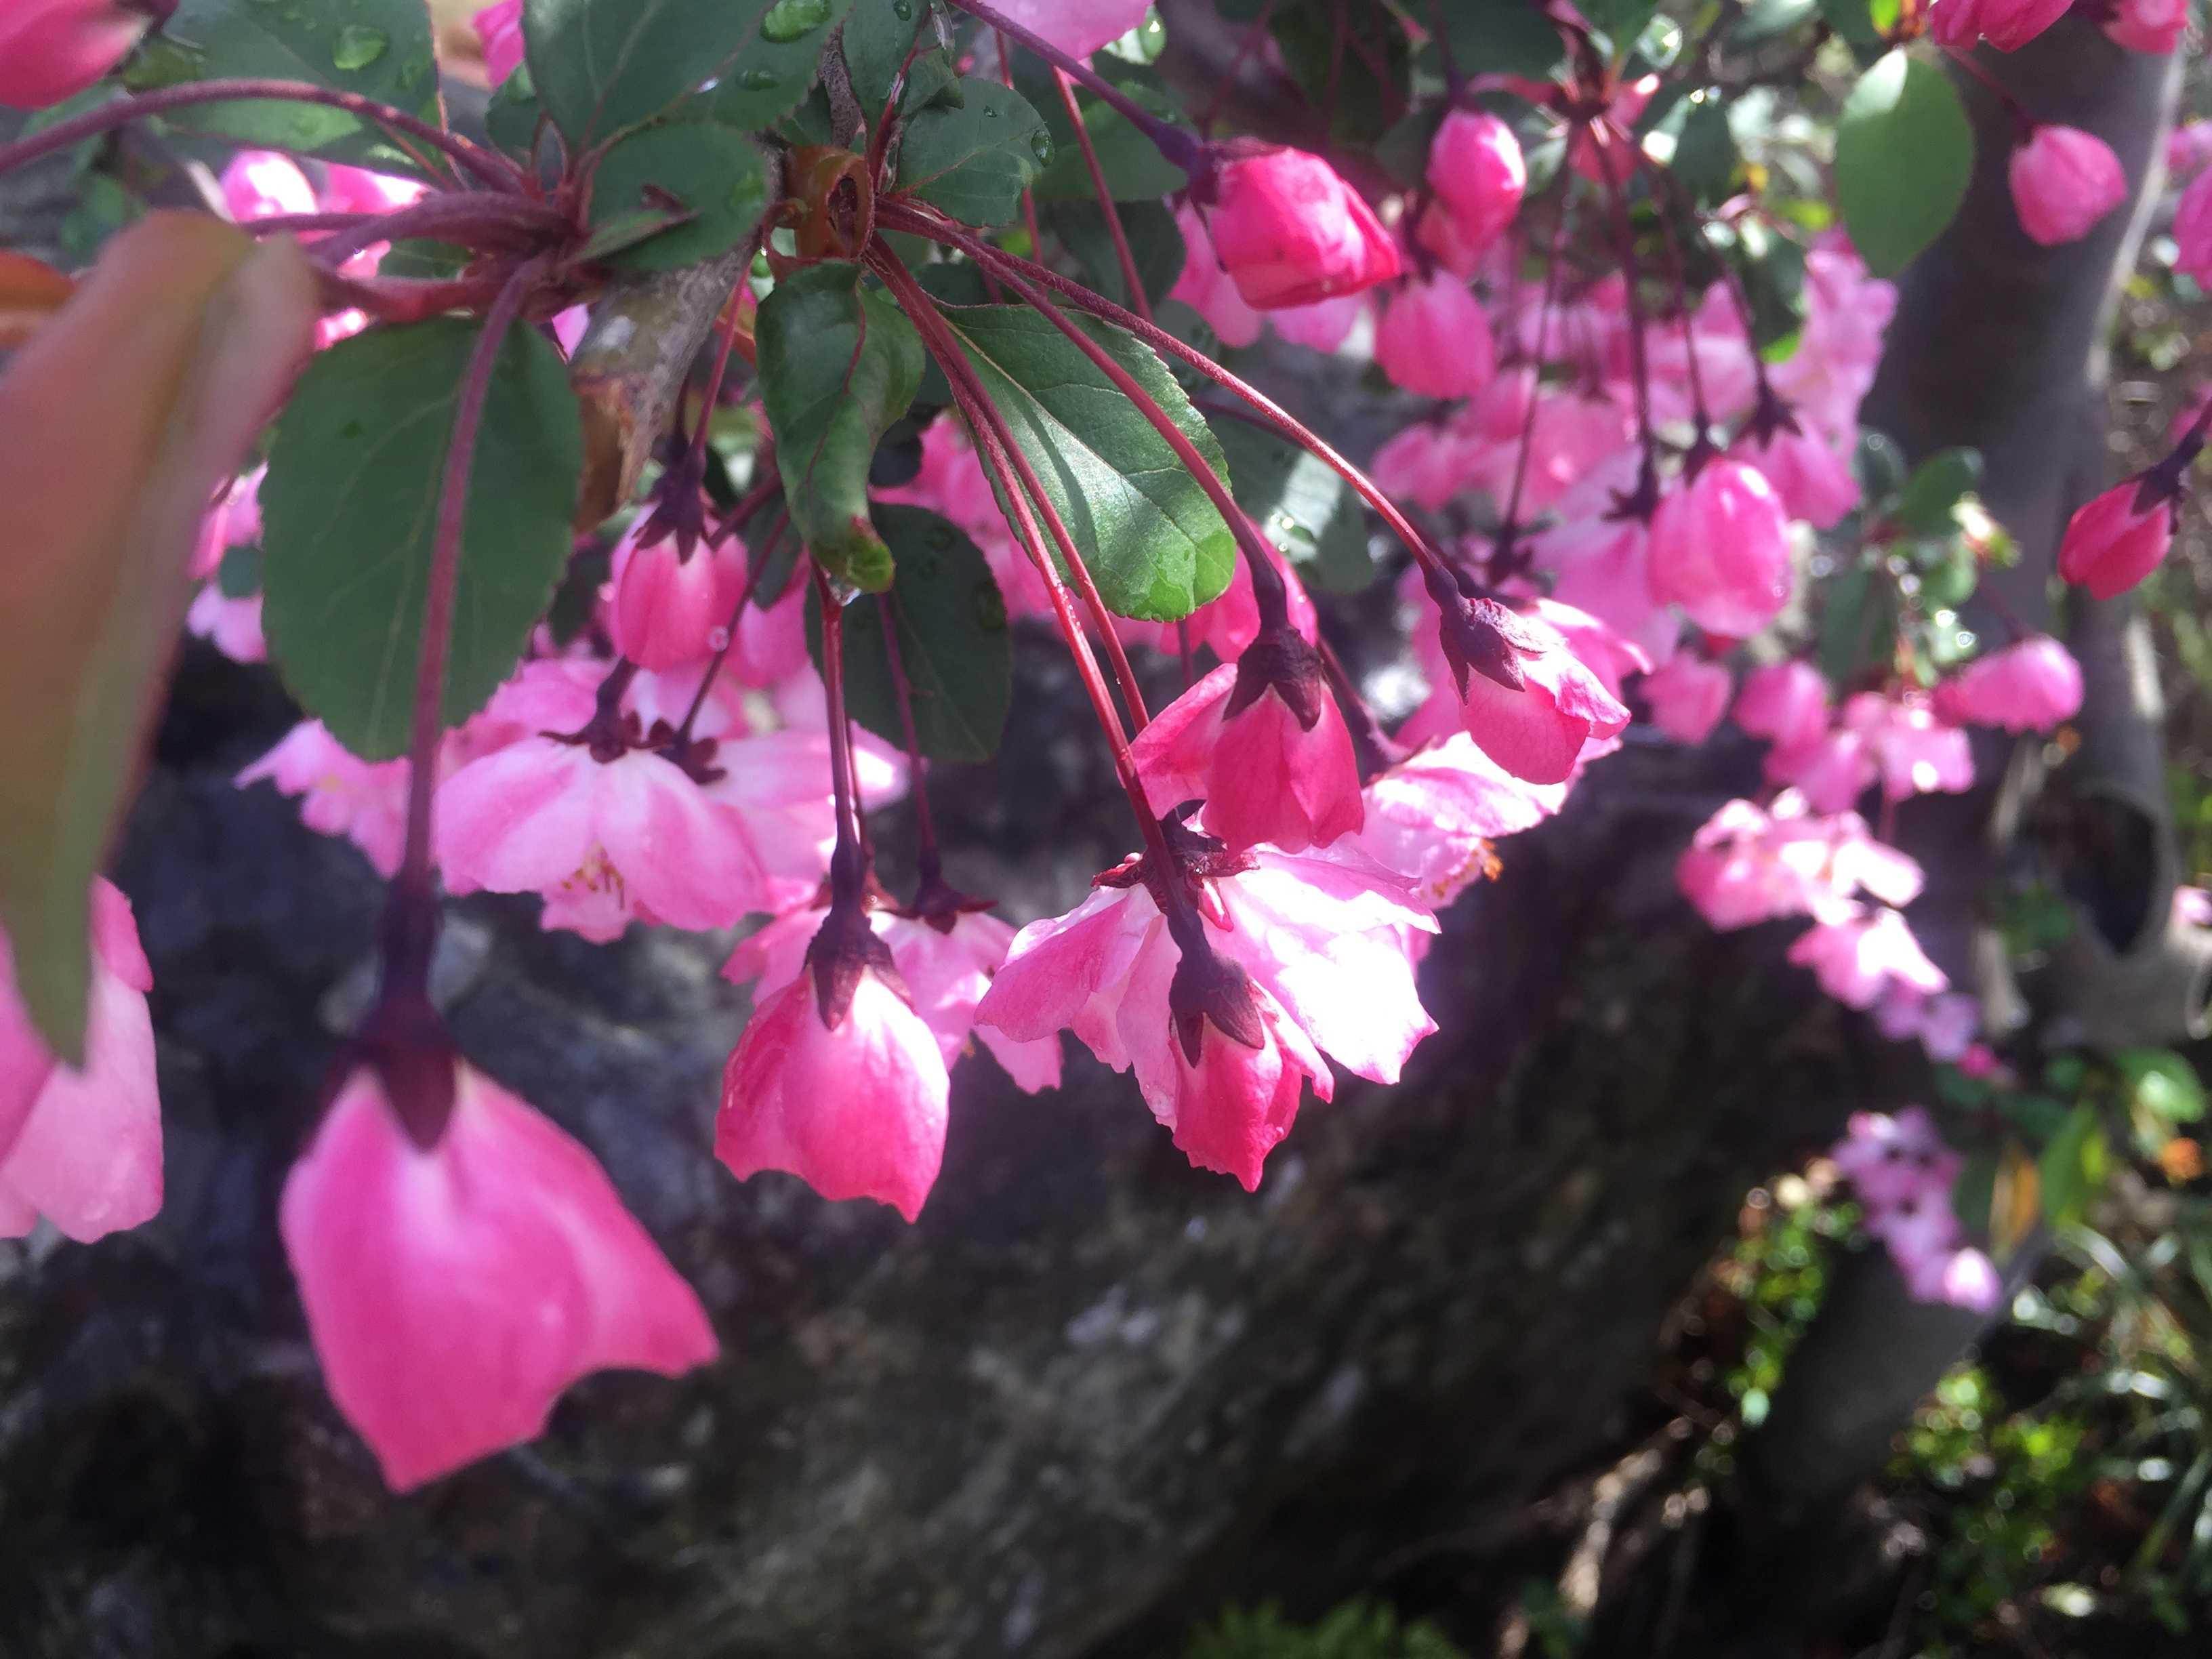 ハナカイドウ(花海棠)の美しさ